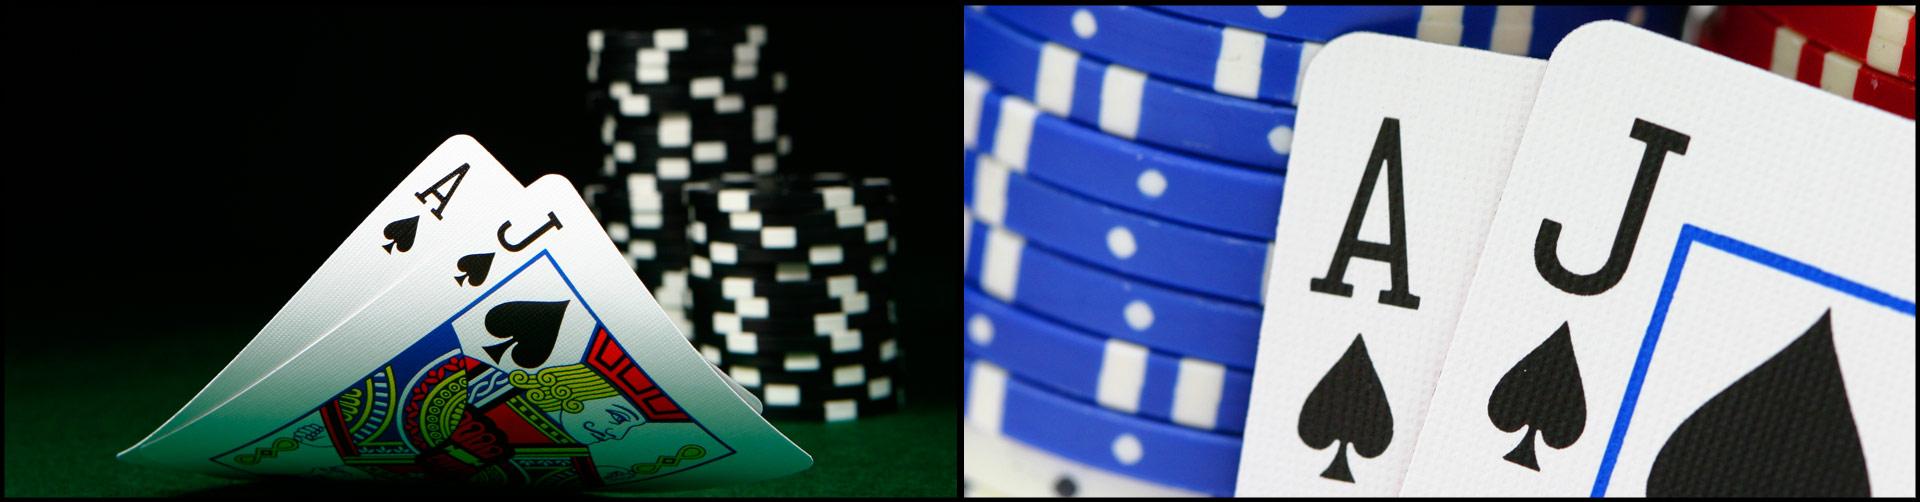 Le blackjack pour de bons gains